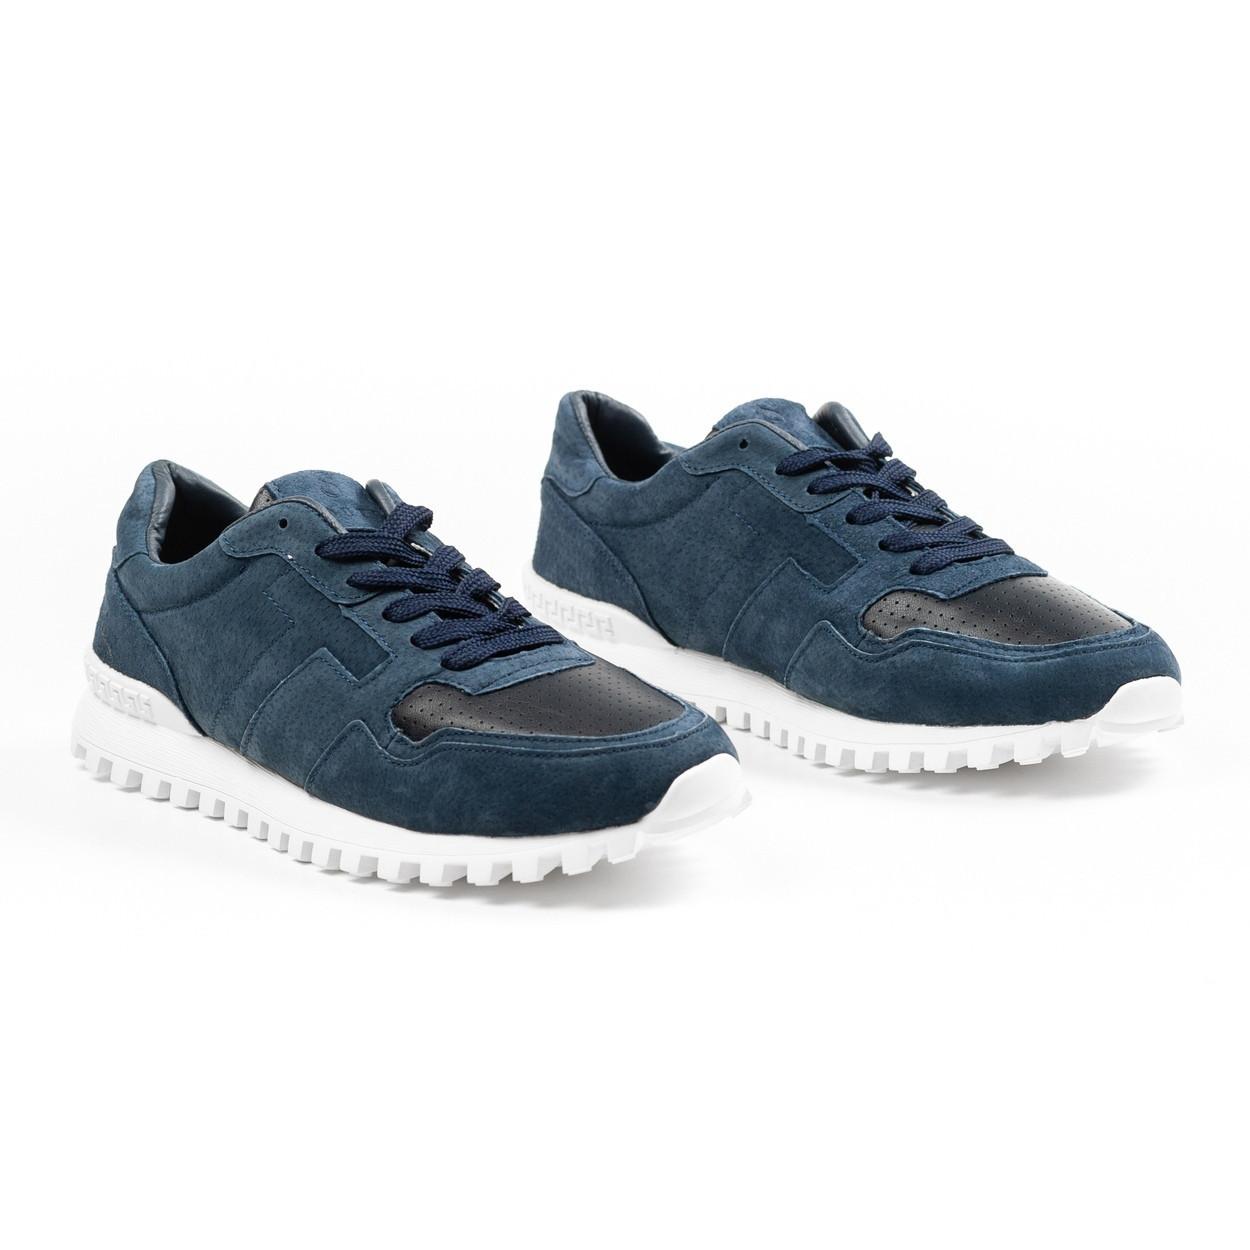 Кроссовки мужские South Classic blueтемно-синие. Стильные мужские кроссовки темно-синего цвета.